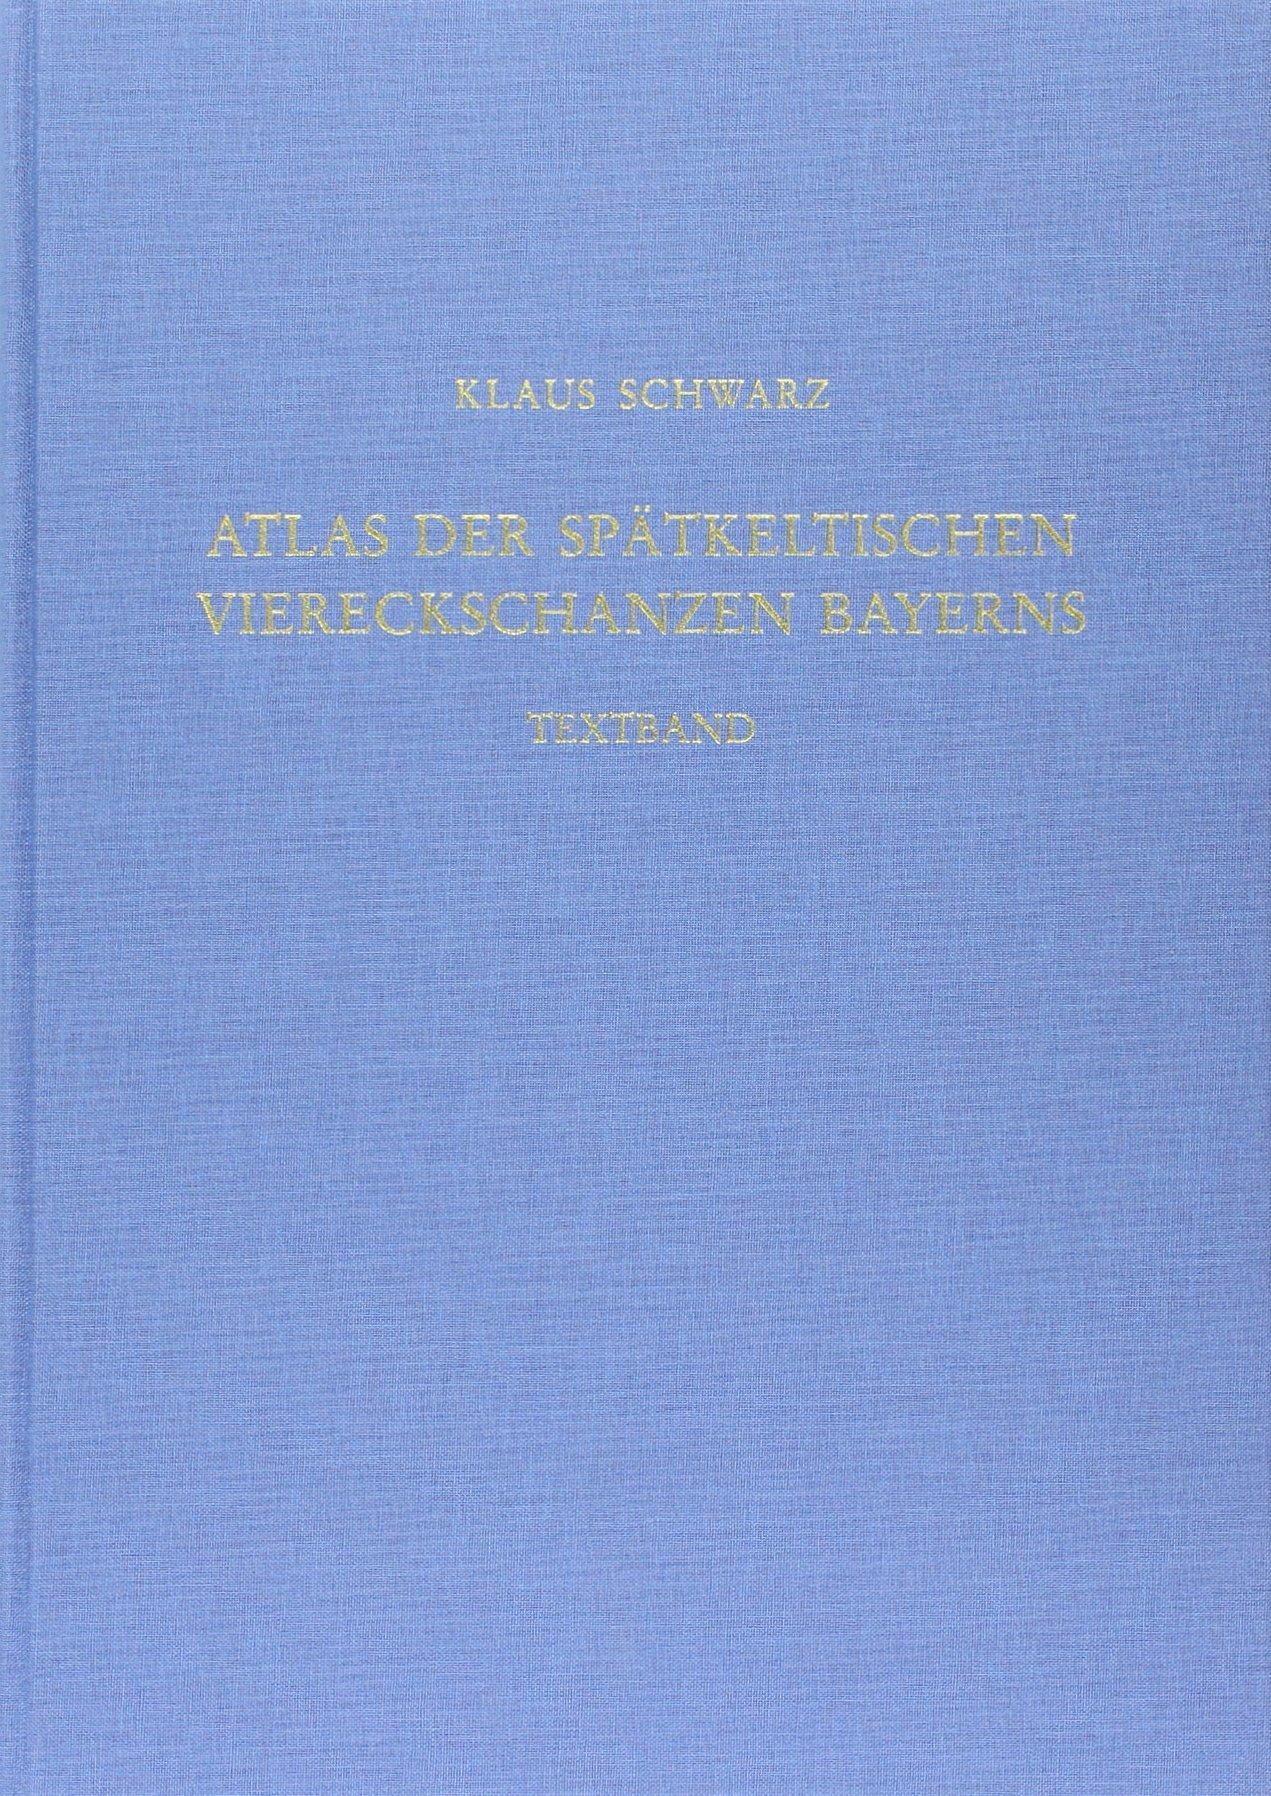 Atlas der spätkeltischen Viereckschanzen Bayerns: Textband